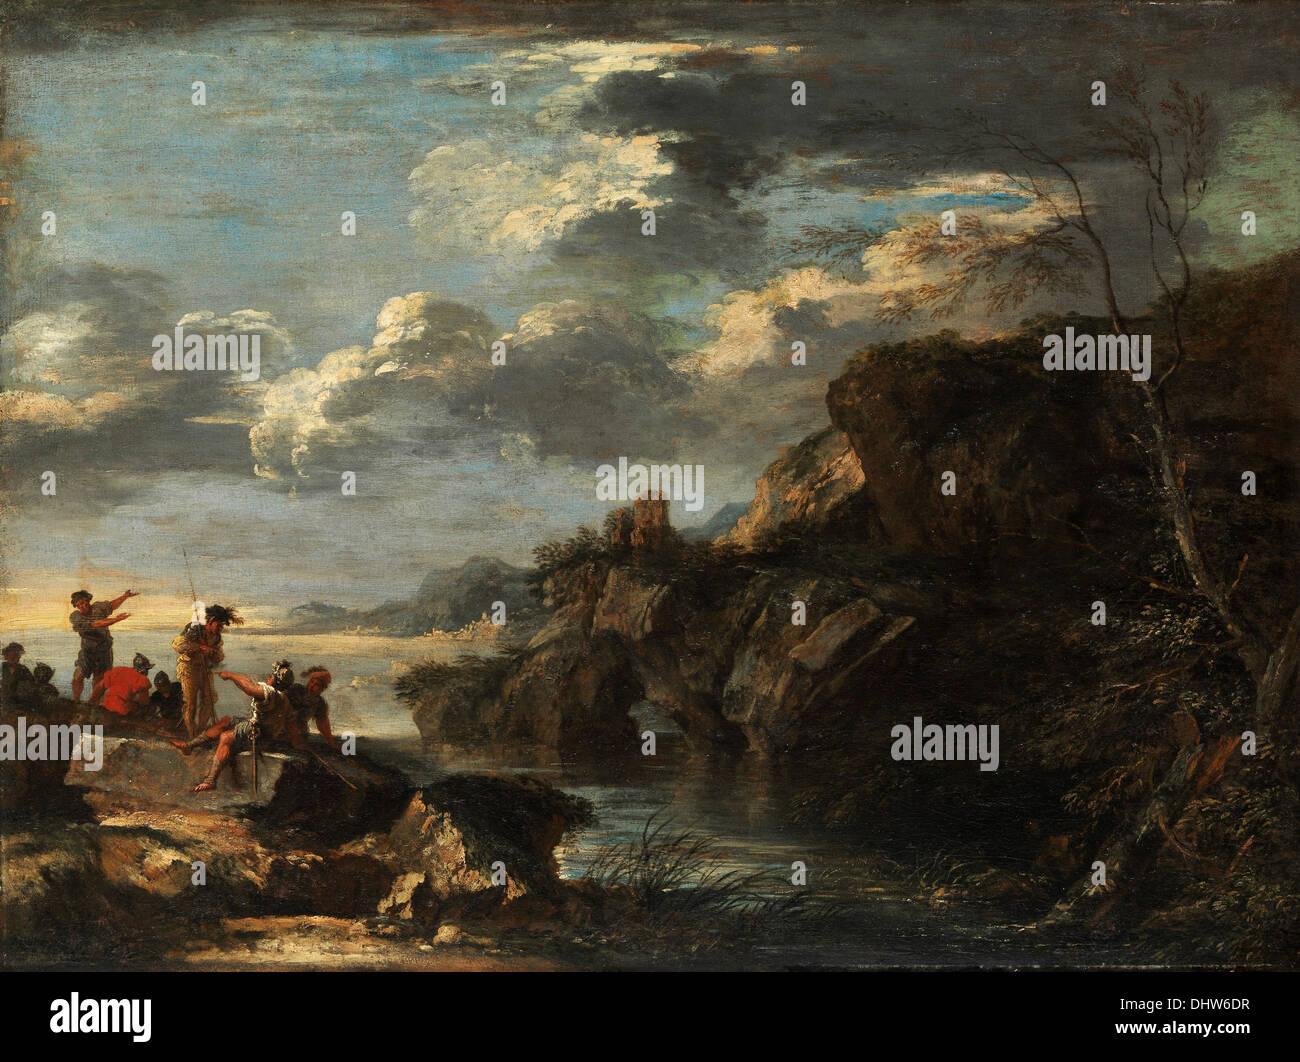 Banditi su una costa rocciosa - di Salvator Rosa, 1660 Immagini Stock